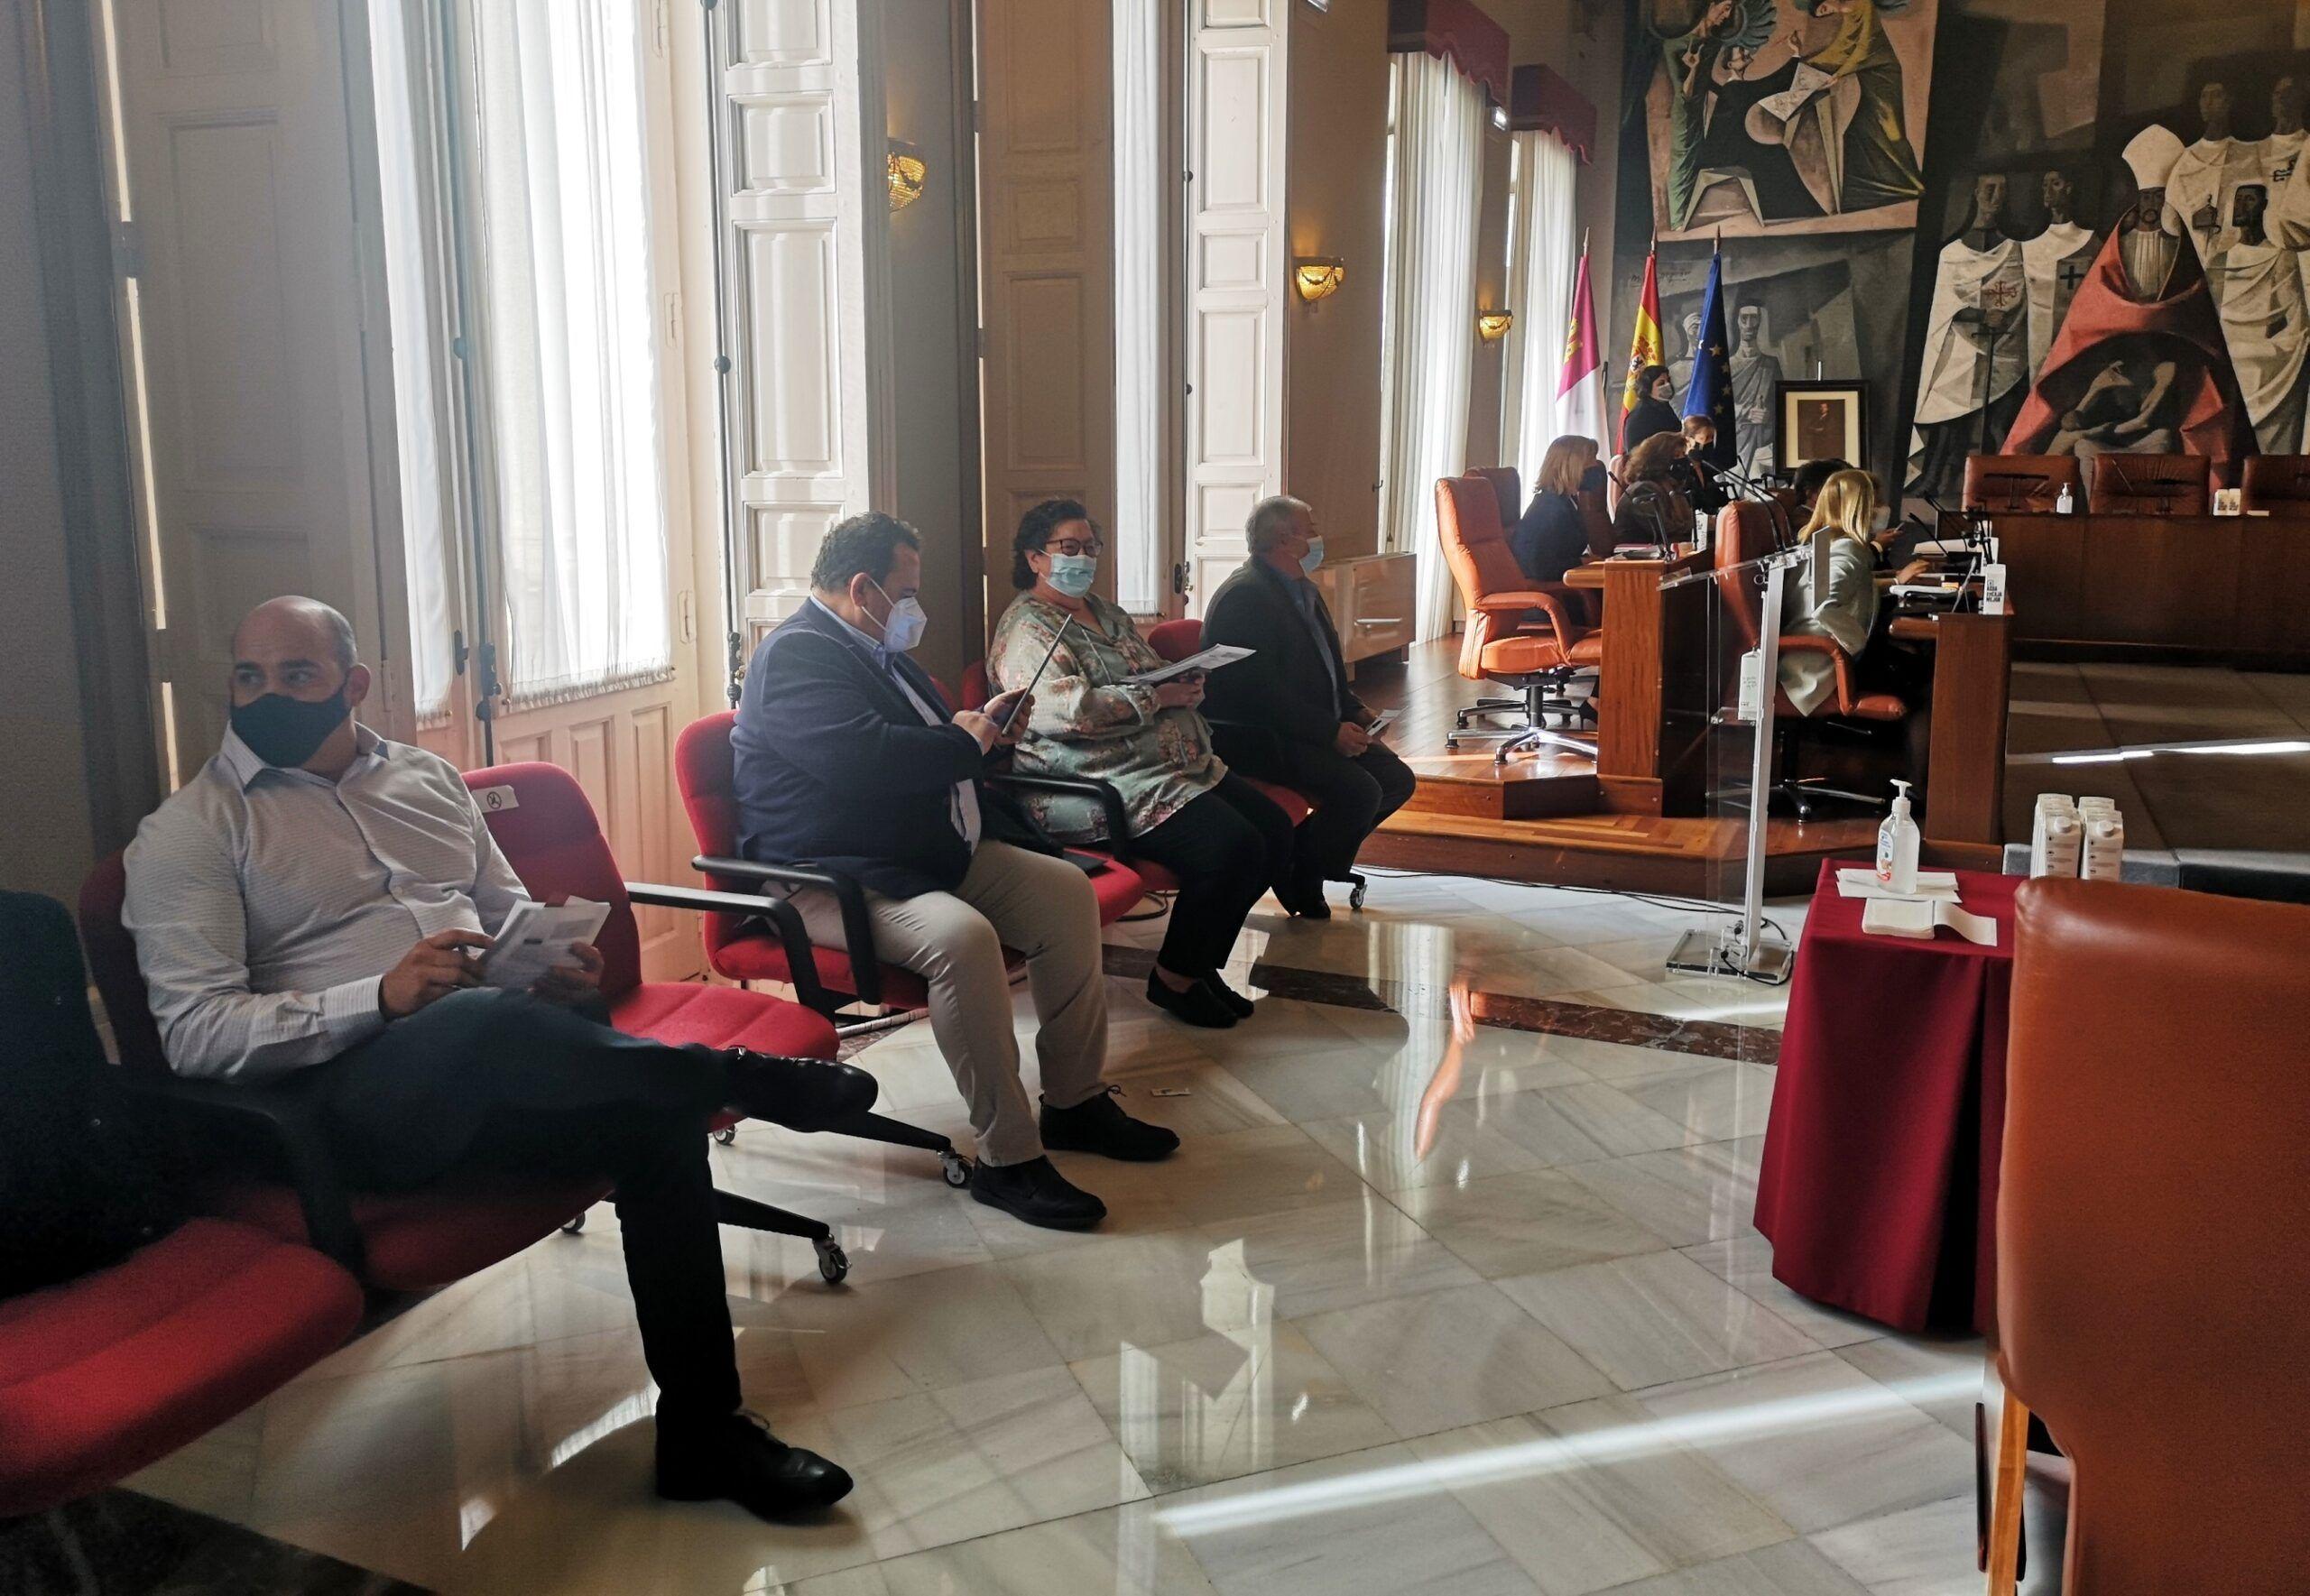 El Partido Popular en Diputación pide acelerar la firma del convenio entre Diputación y Junta sobre el Plan de Empleo